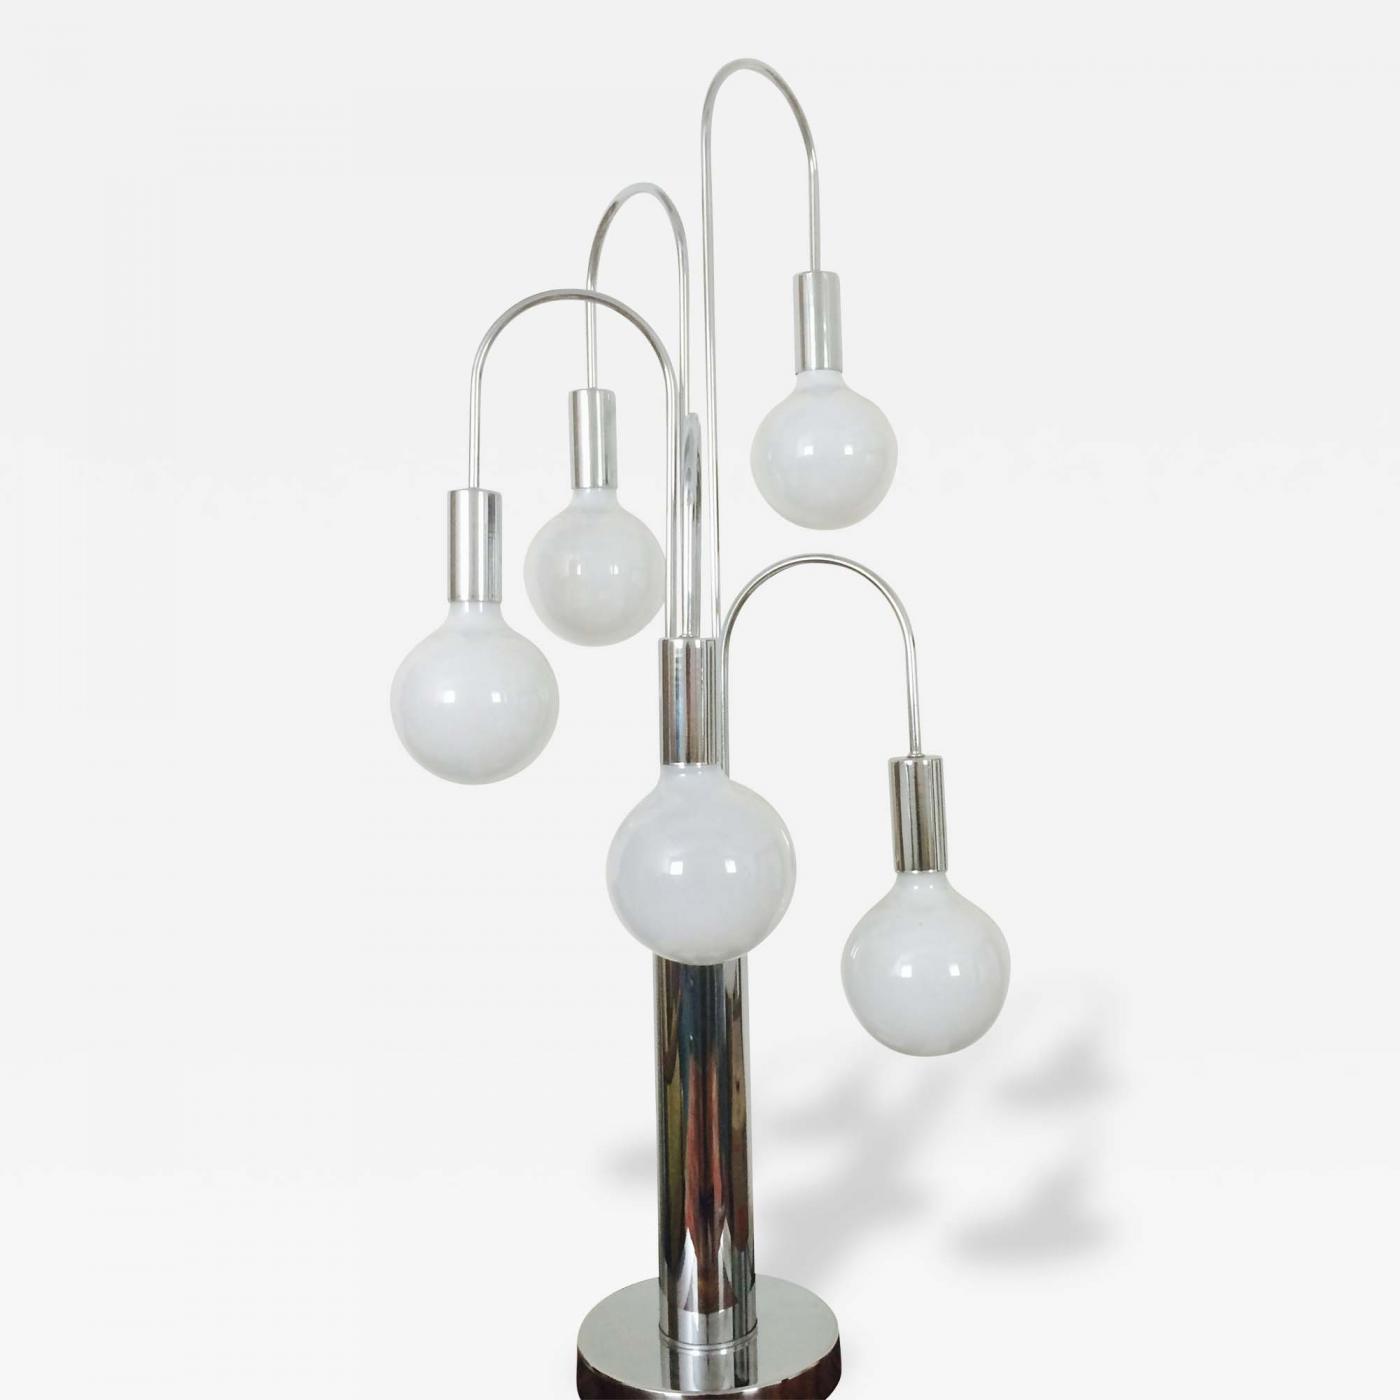 Robert Sonneman Waterfall Table Lamp By Laurel